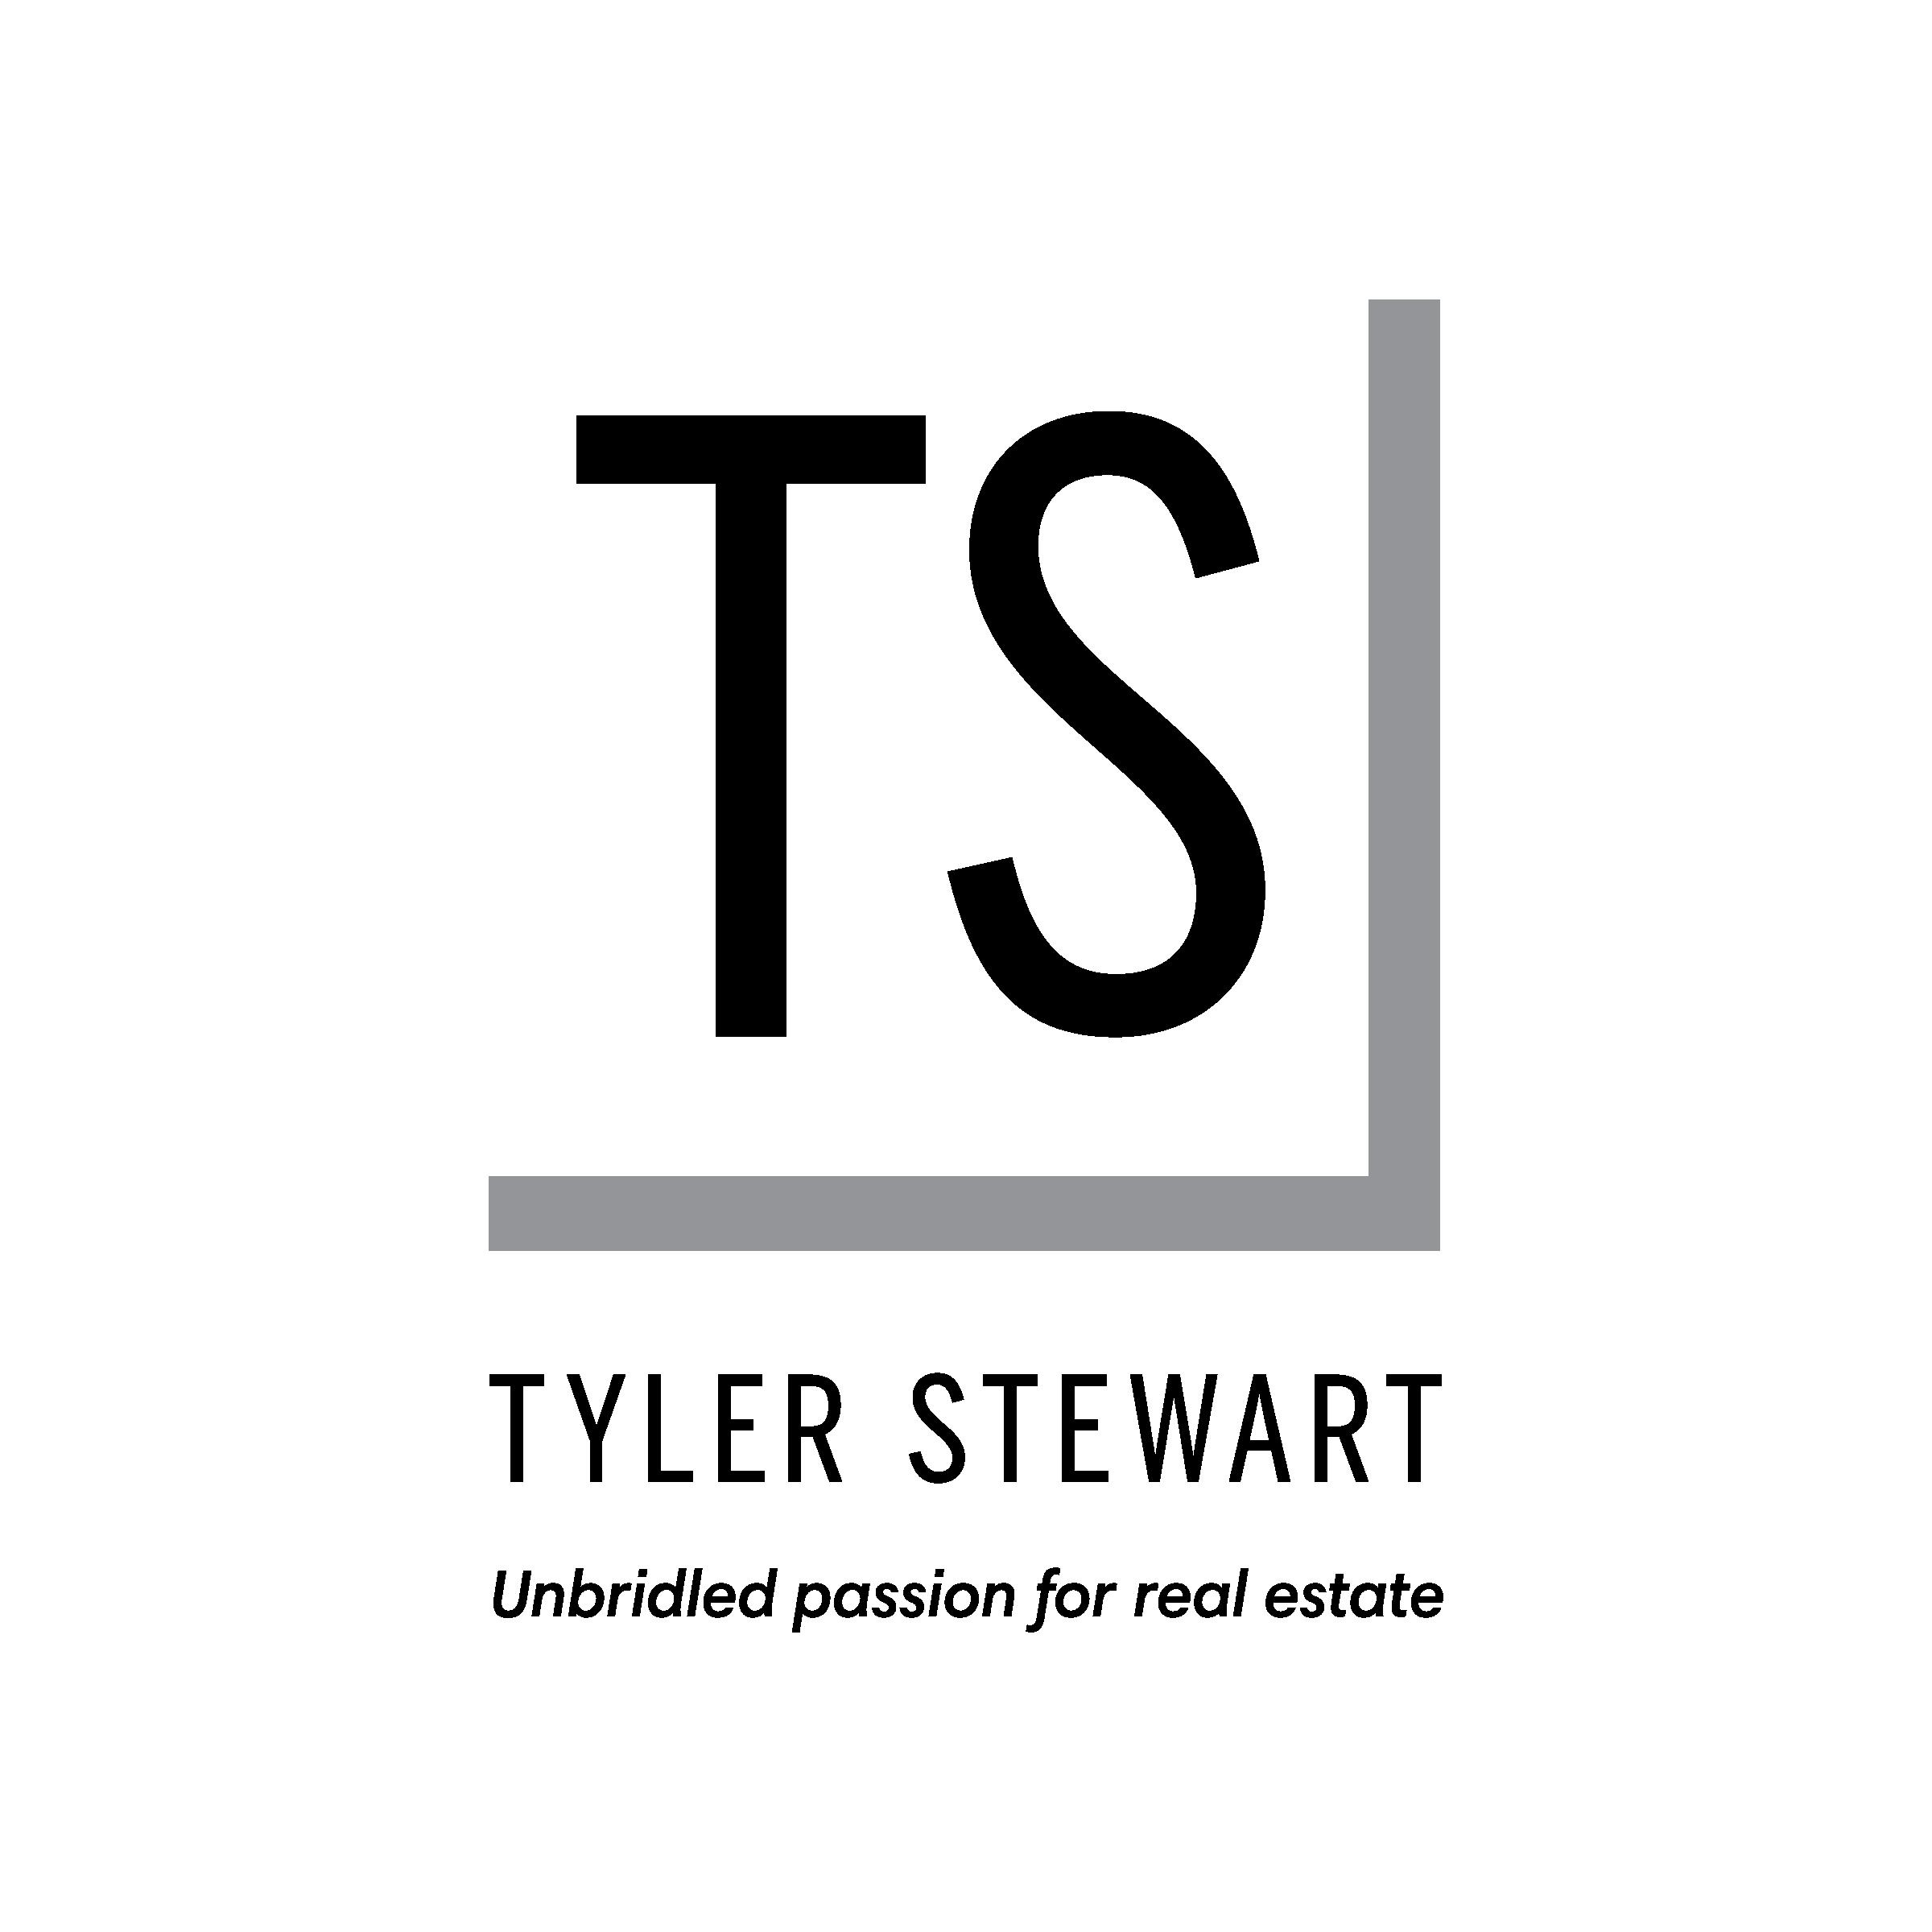 2016 1213 Tyler Stewart Logo_Artboard 3 copy (1).png